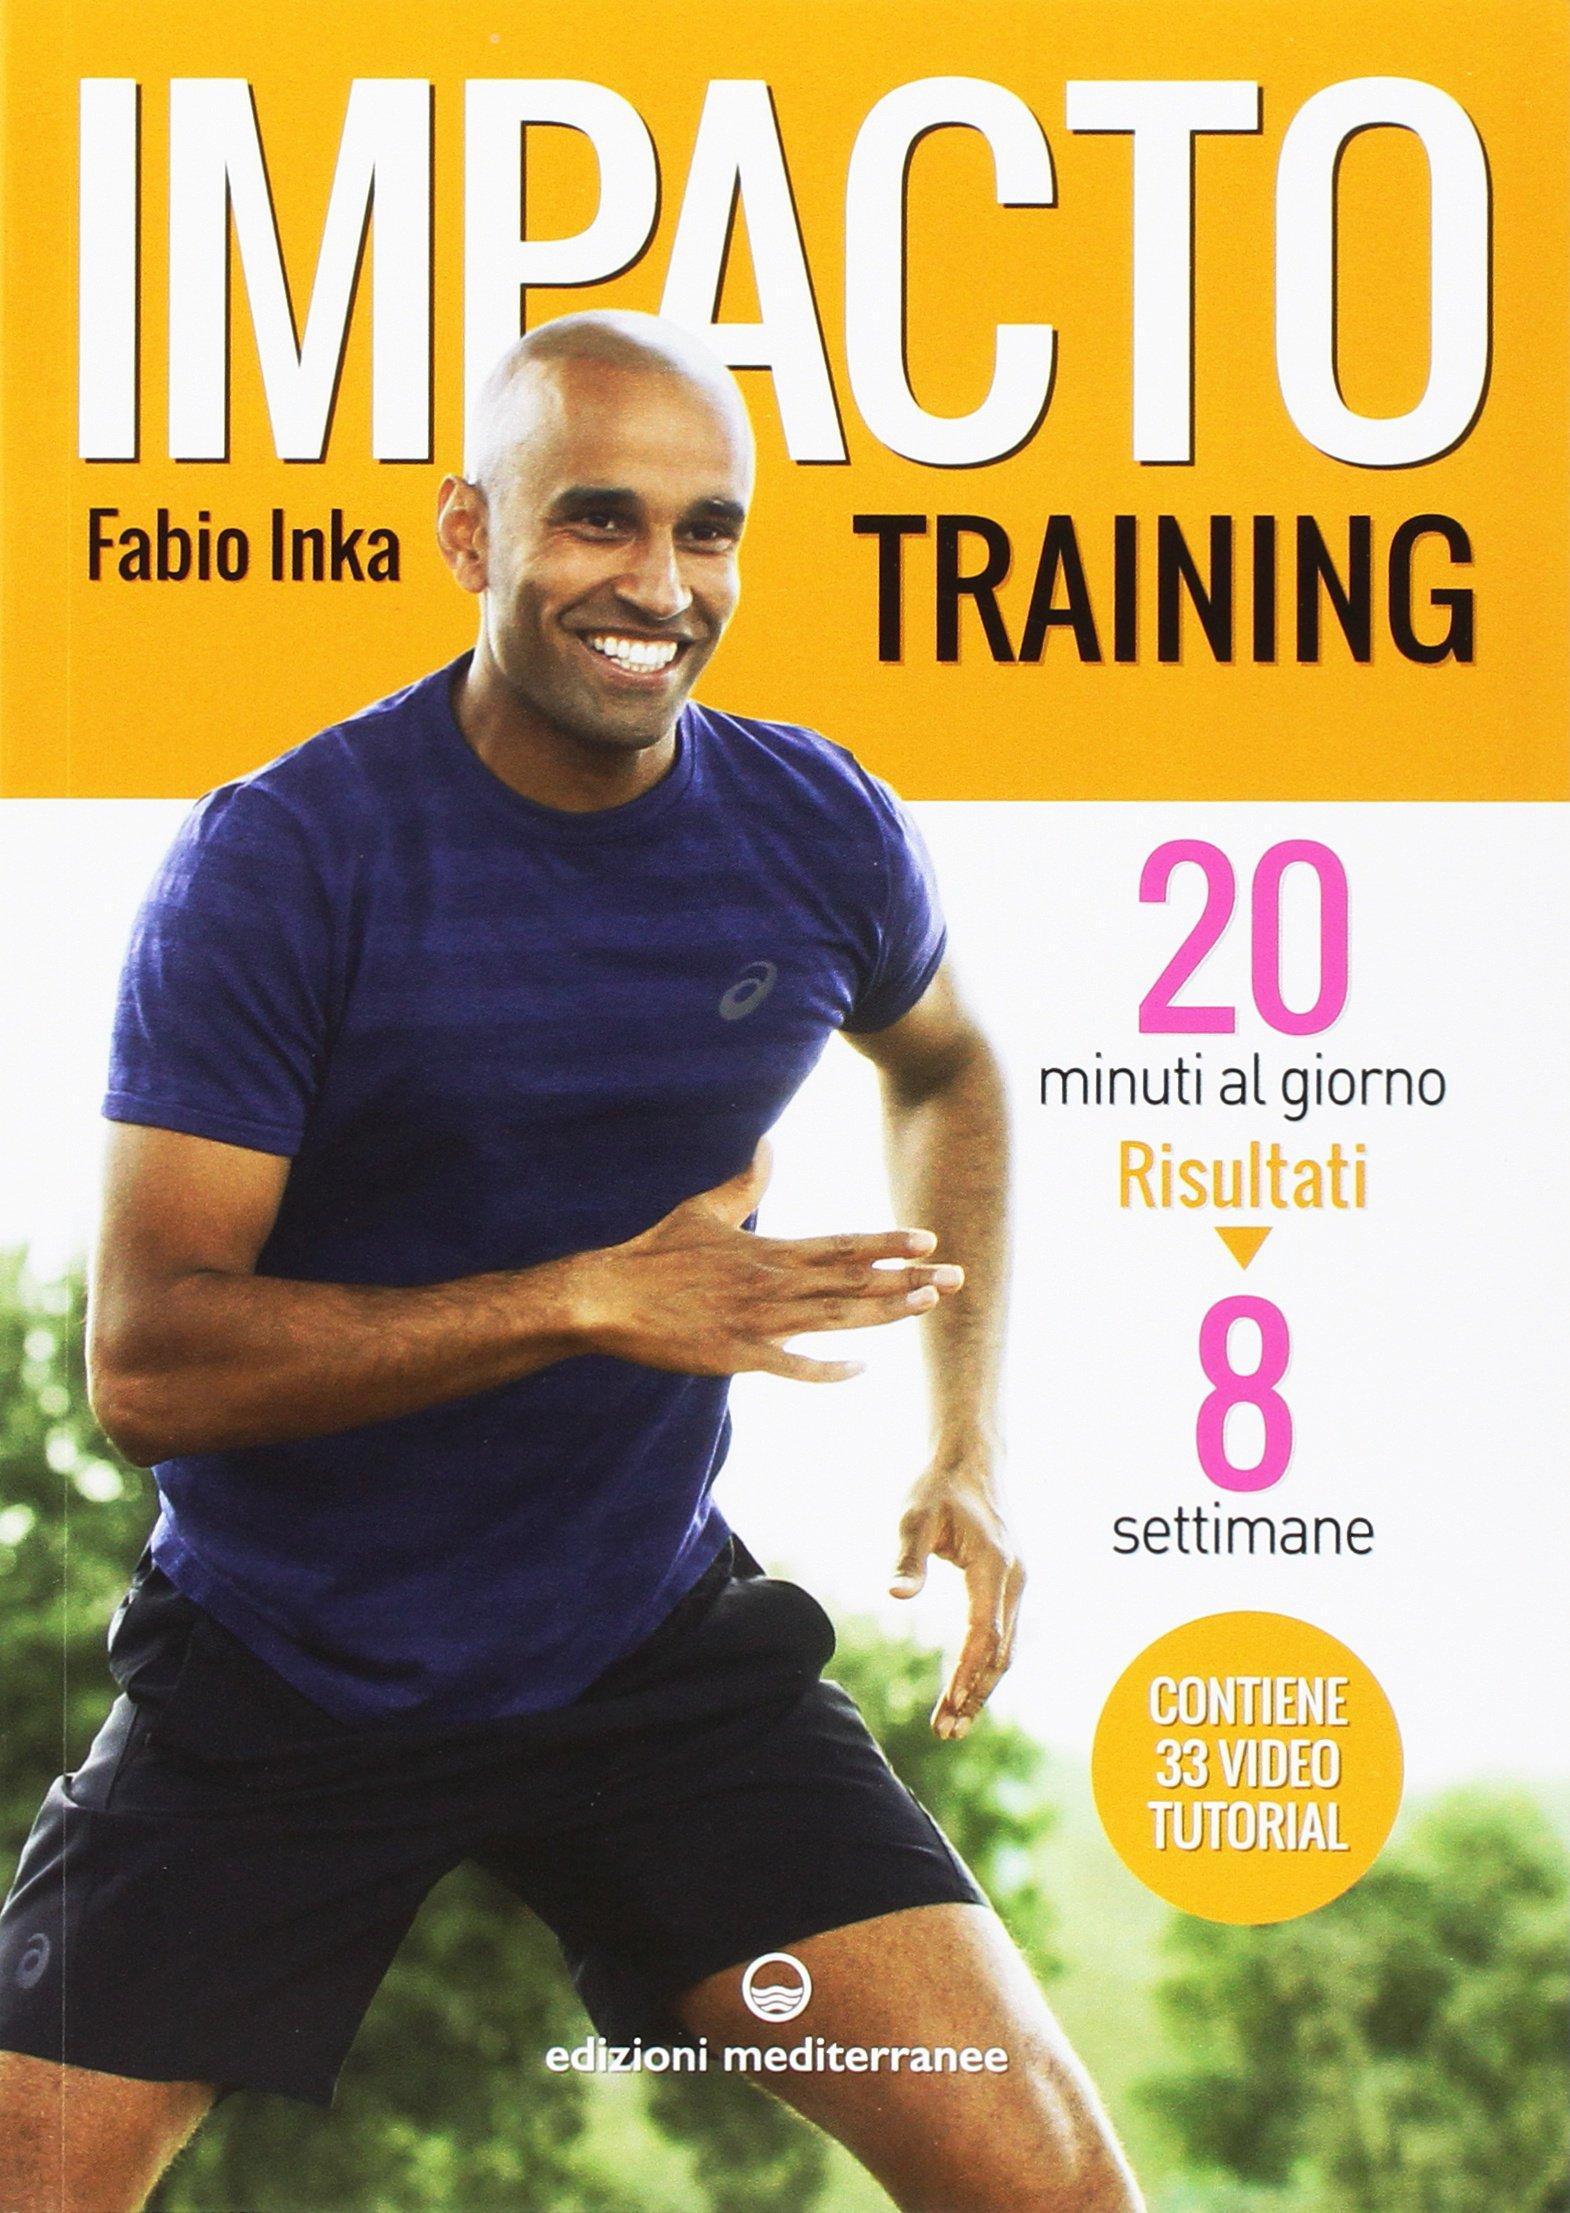 Impacto Training Calendario.Amazon It Impacto Training 20 Minuti Al Giorno Risultati 8